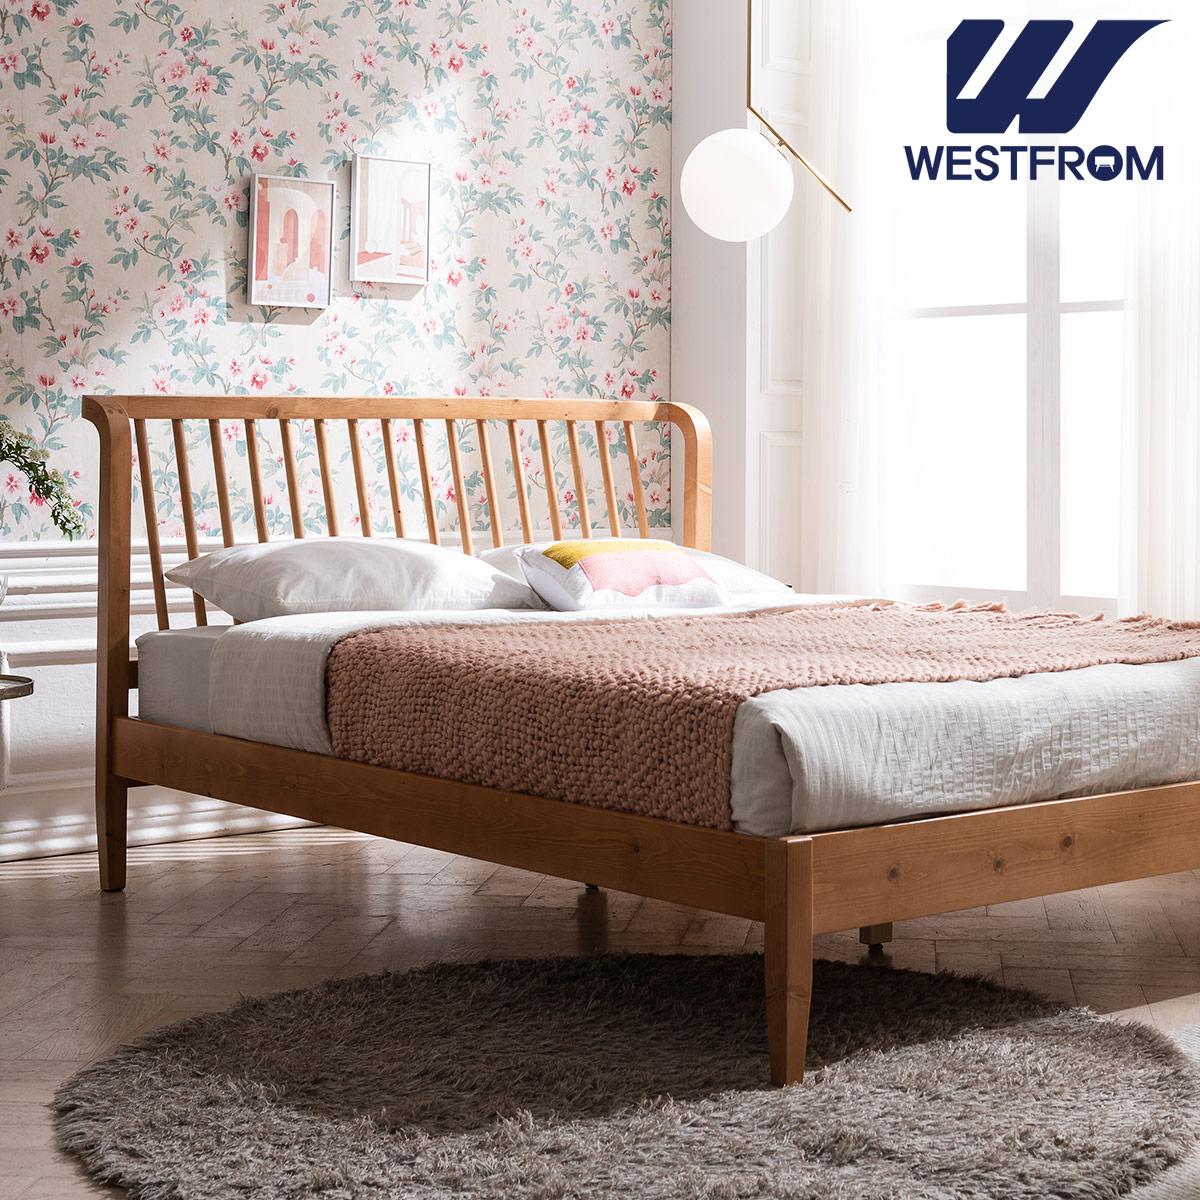 [웨스트프롬] 모던 NEW잉그리드) 원목 평상형 침대(퀸) / F3 QUEEN 매트리스